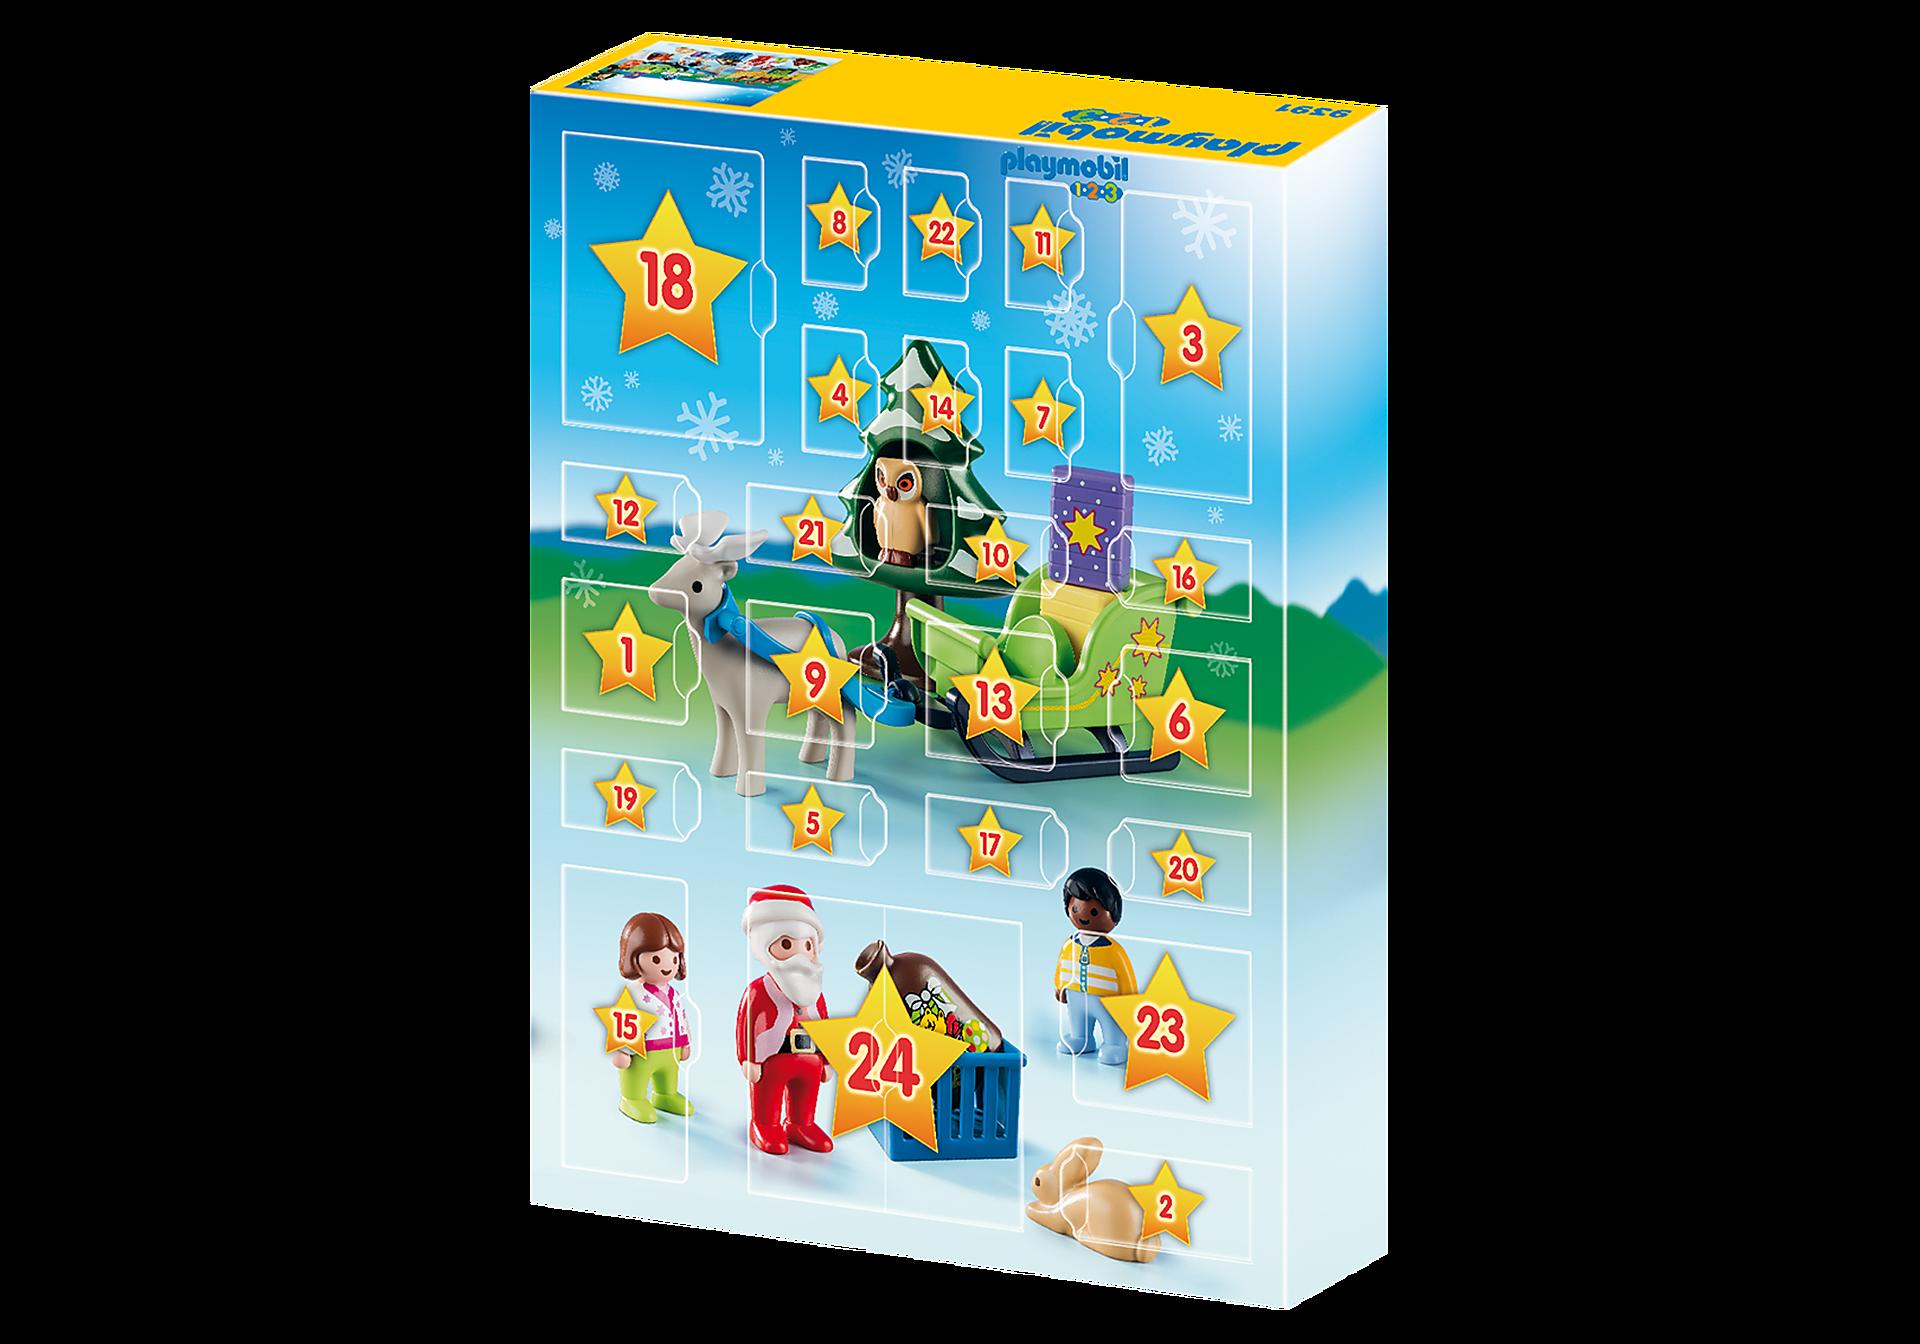 9391 Calendario dell'Avvento 1.2.3 'Natale nel bosco degli animali' zoom image4